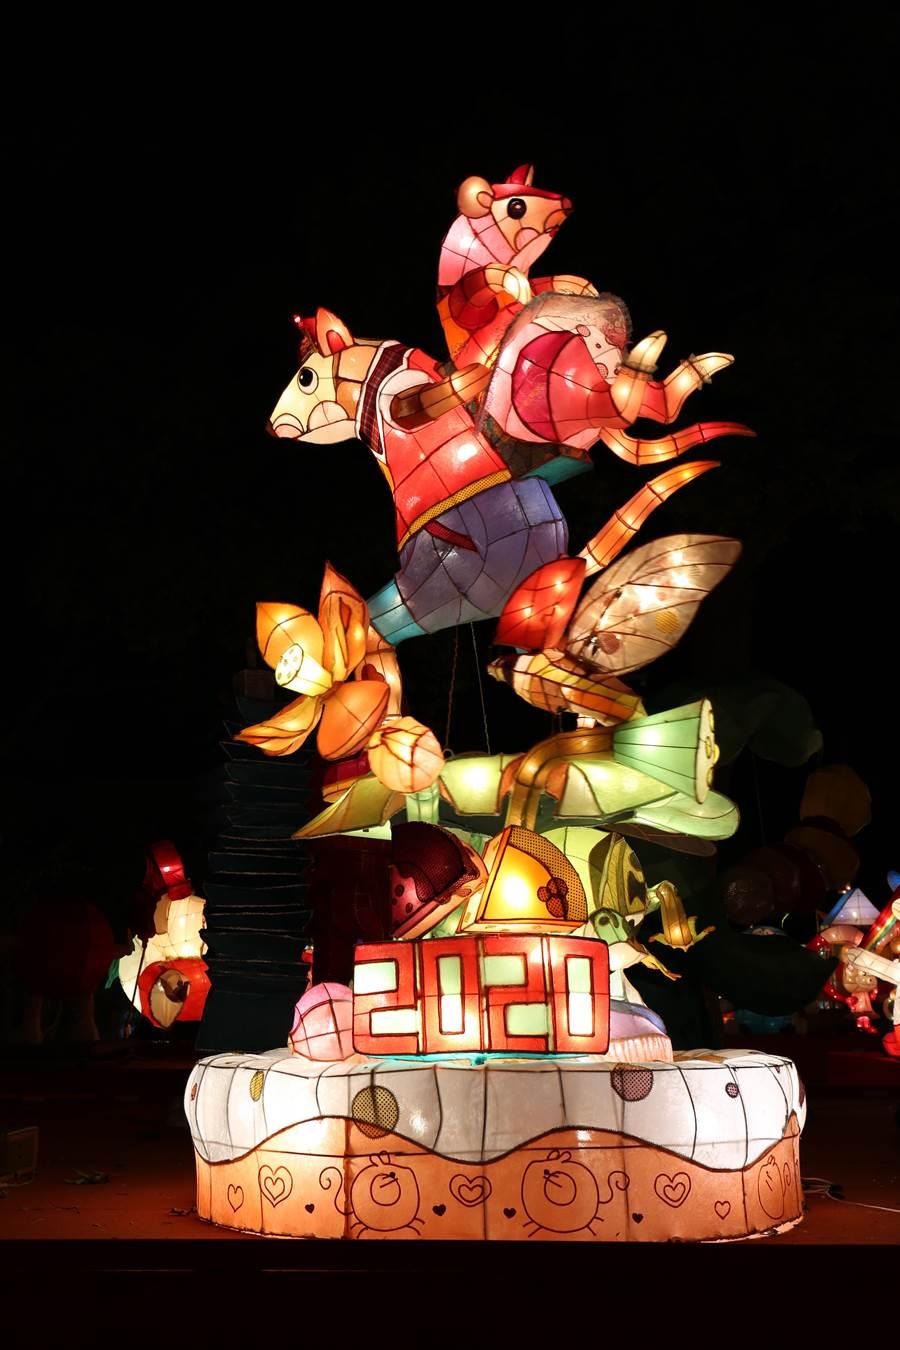 高中職組燈王--喜從天降,是由臺南市私立光華高級中學所創作;在造型上雙鼠相背,姿態活靈活現,動物造型分割成細緻立體面。整體畫面精緻且趣味十足。(台中市政府教育局提供/陳世宗台中傳真)